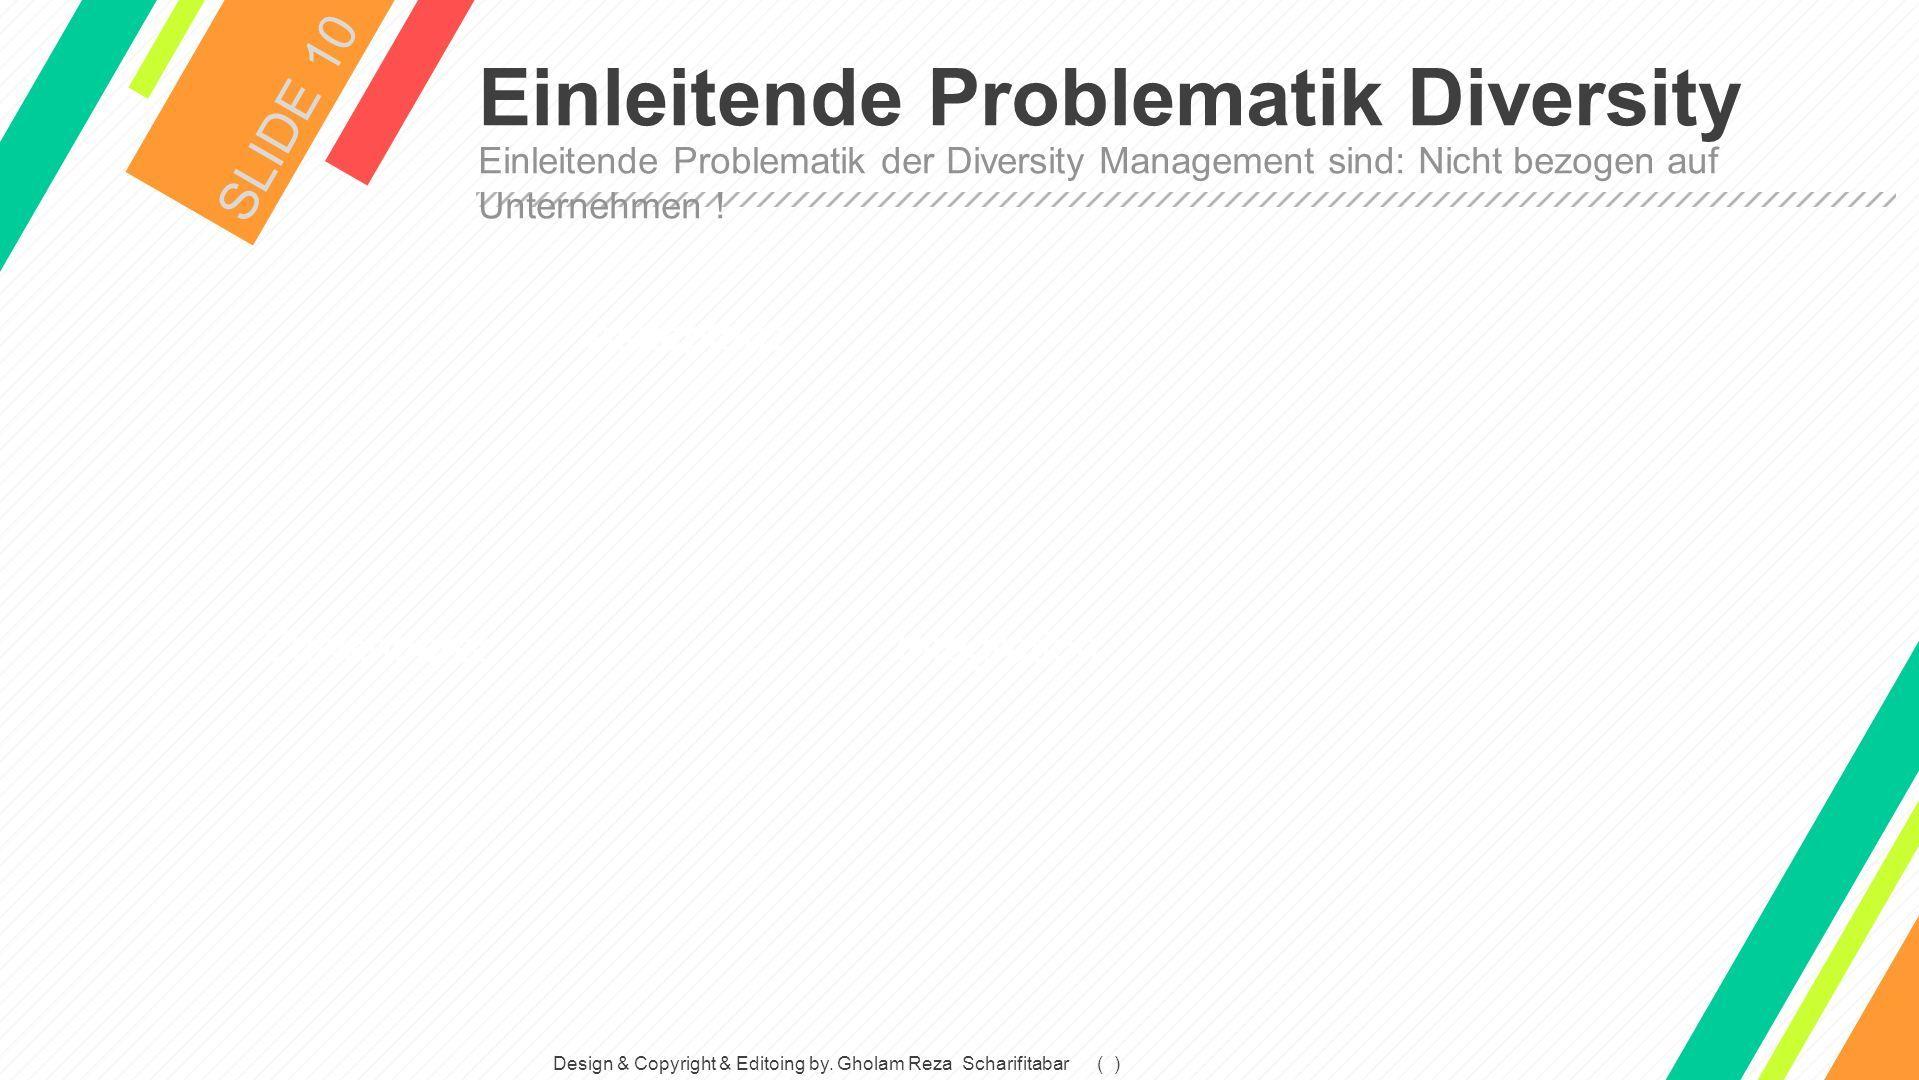 Einleitende Problematik Diversity SLIDE 10 Einleitende Problematik der Diversity Management sind: Nicht bezogen auf Unternehmen .